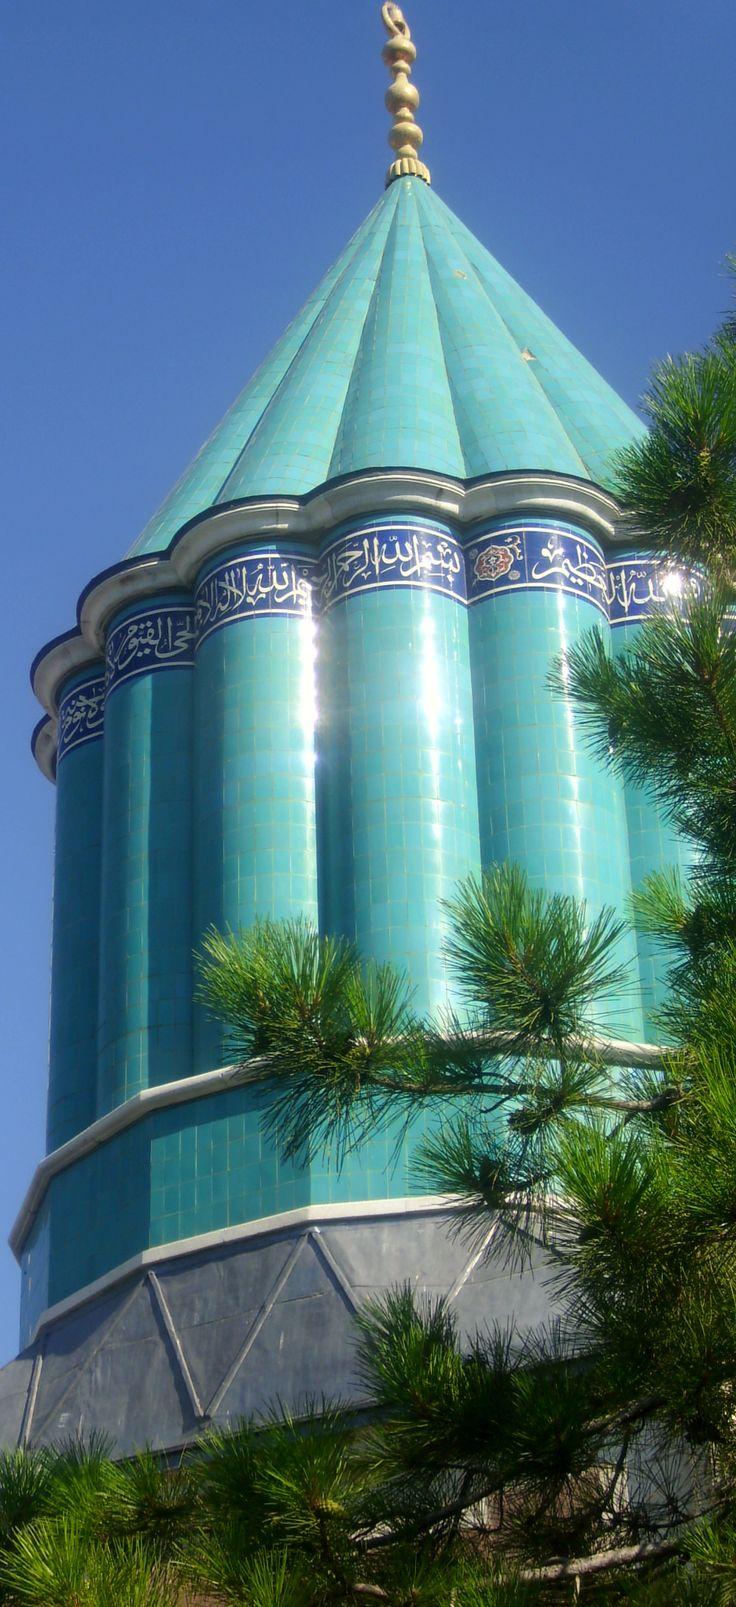 Tomb Of Mewlānā Jalāl ad-Dīn Muḥammad Balkhī (Molavi) - Jalal ad-Dīn Muhammad Rumi مولانا جلالالدین محمد بلخی - مولوی  Konya